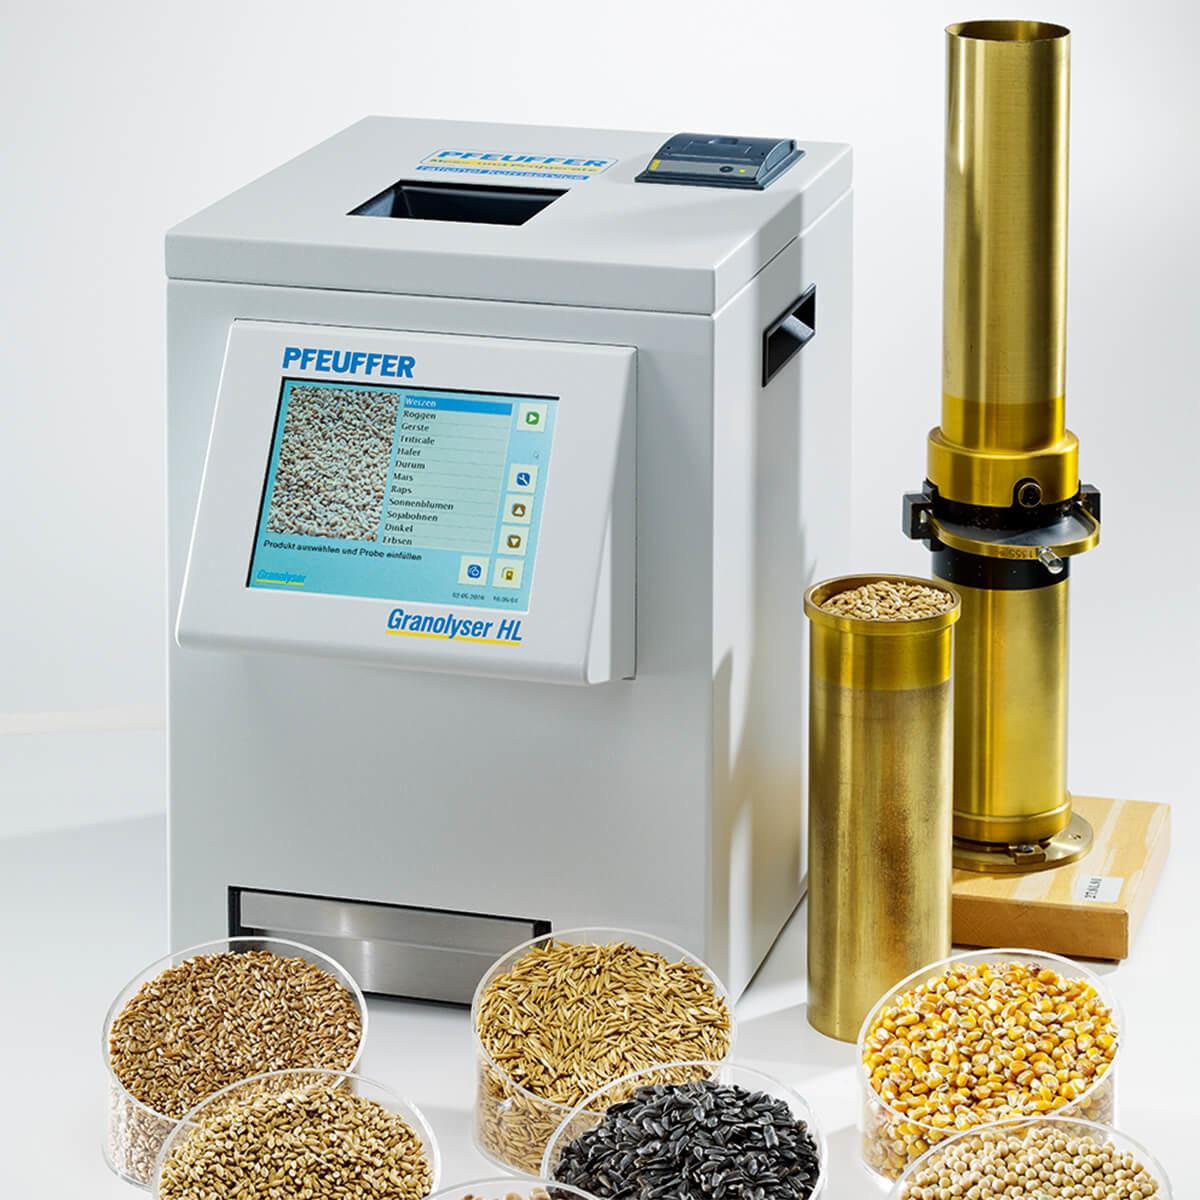 анализаторы зерна купить во владимирской области цена